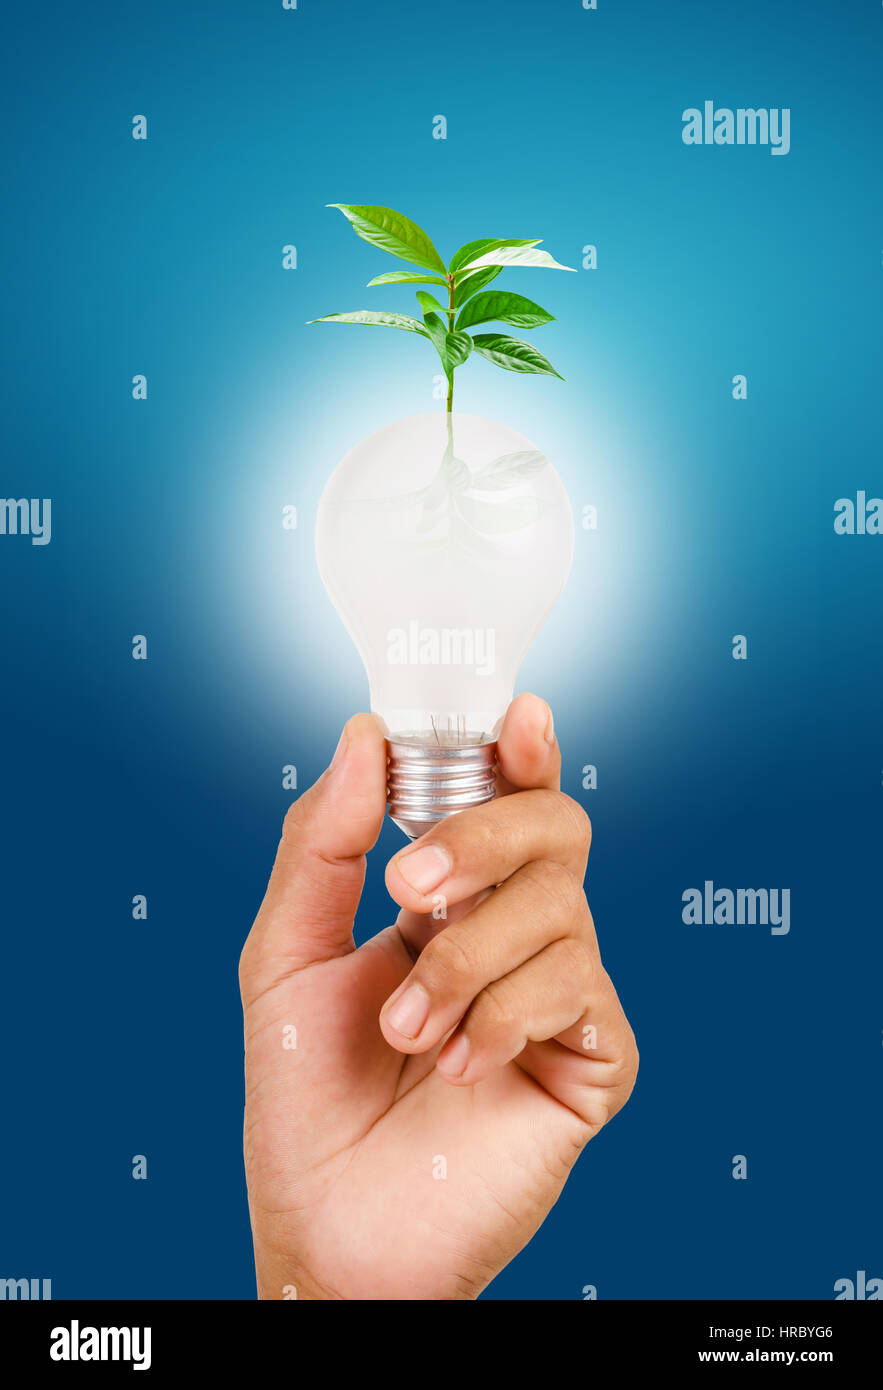 Ressources durables, l'énergie renouvelable et la conservation de l'environnement concept. Photo Stock